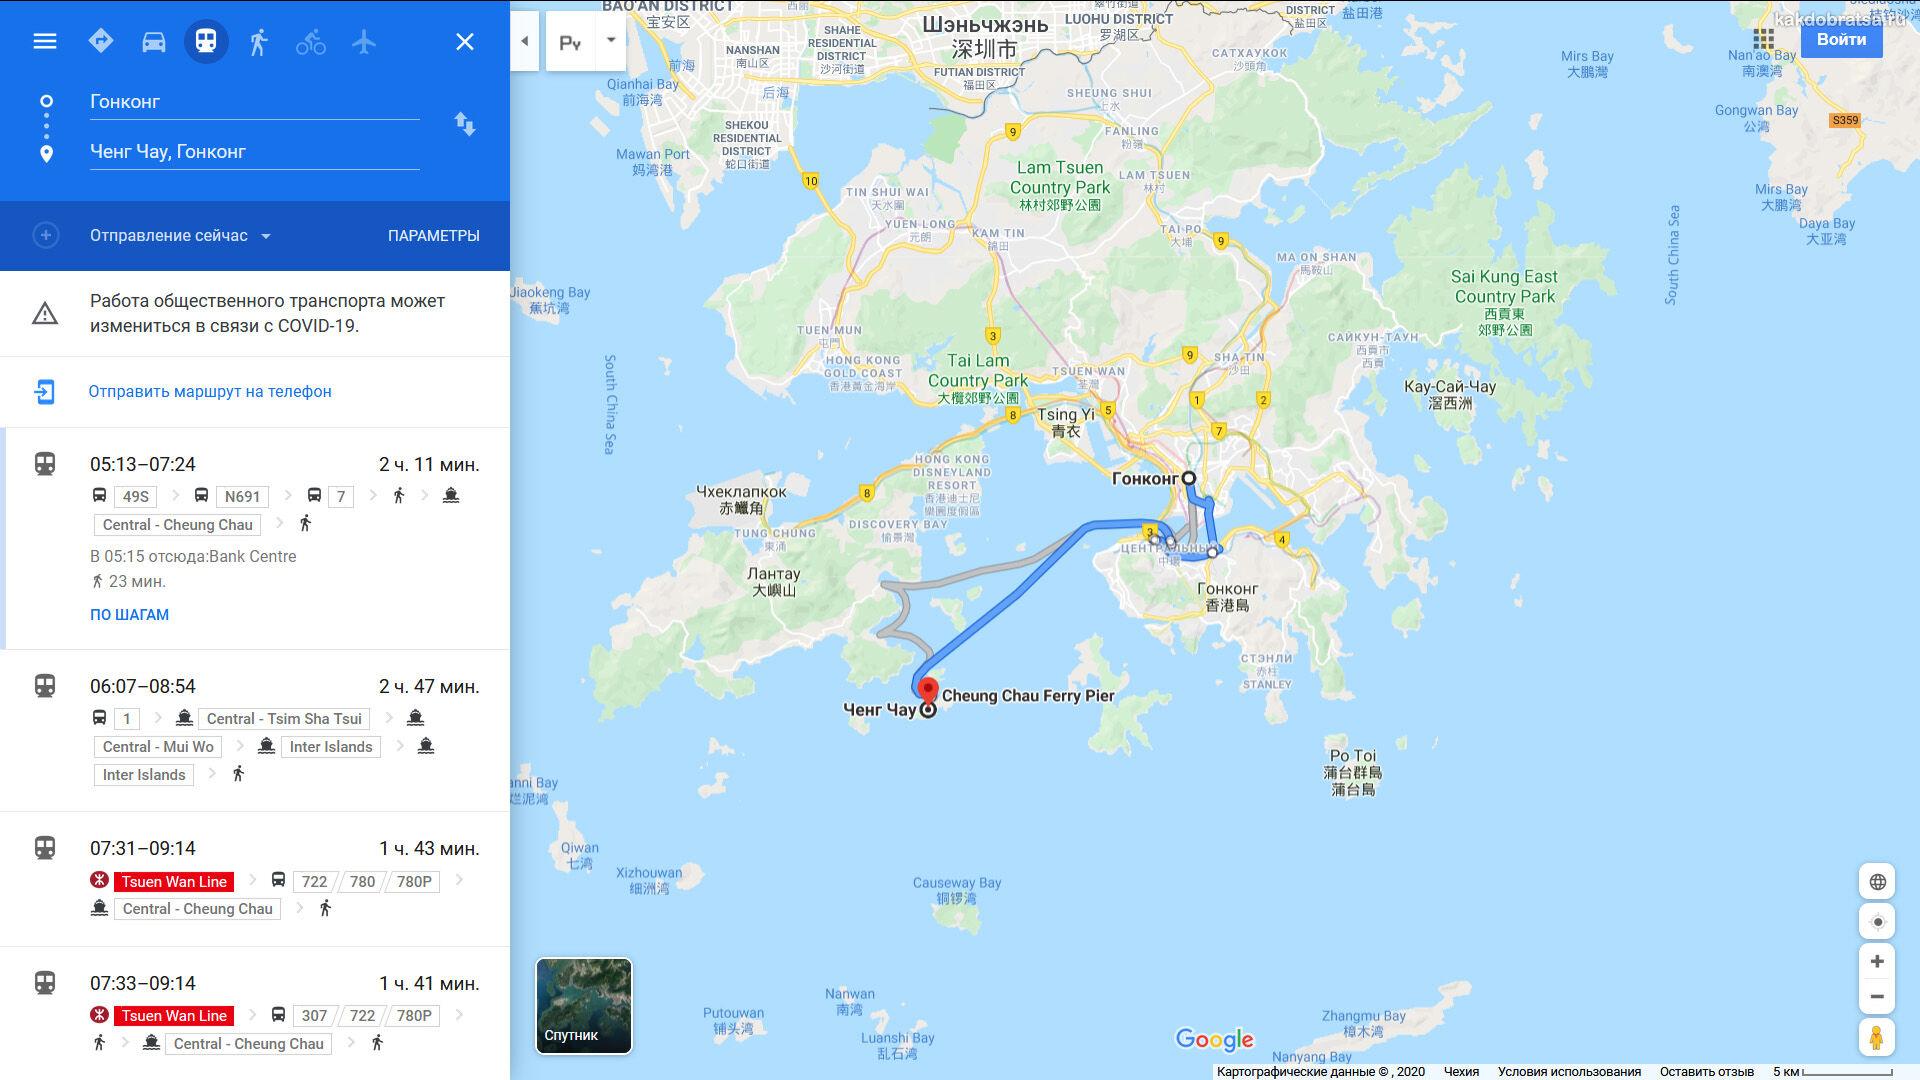 Остров Ченг Чау из Гонконге расстояние и время в пути